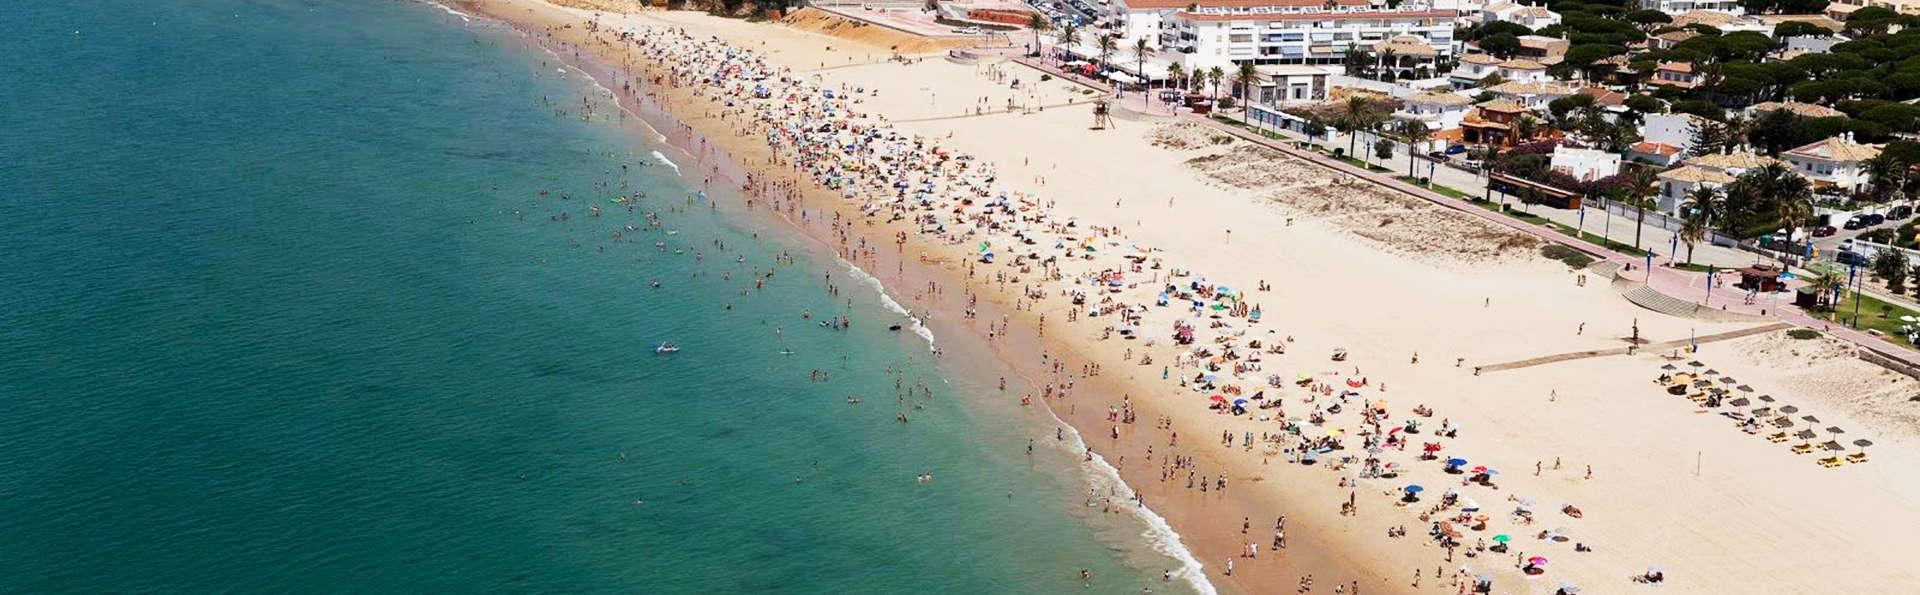 Escápate a 3 minutos de playa de la Barrosa en un lujoso apartamento con desayuno incluido